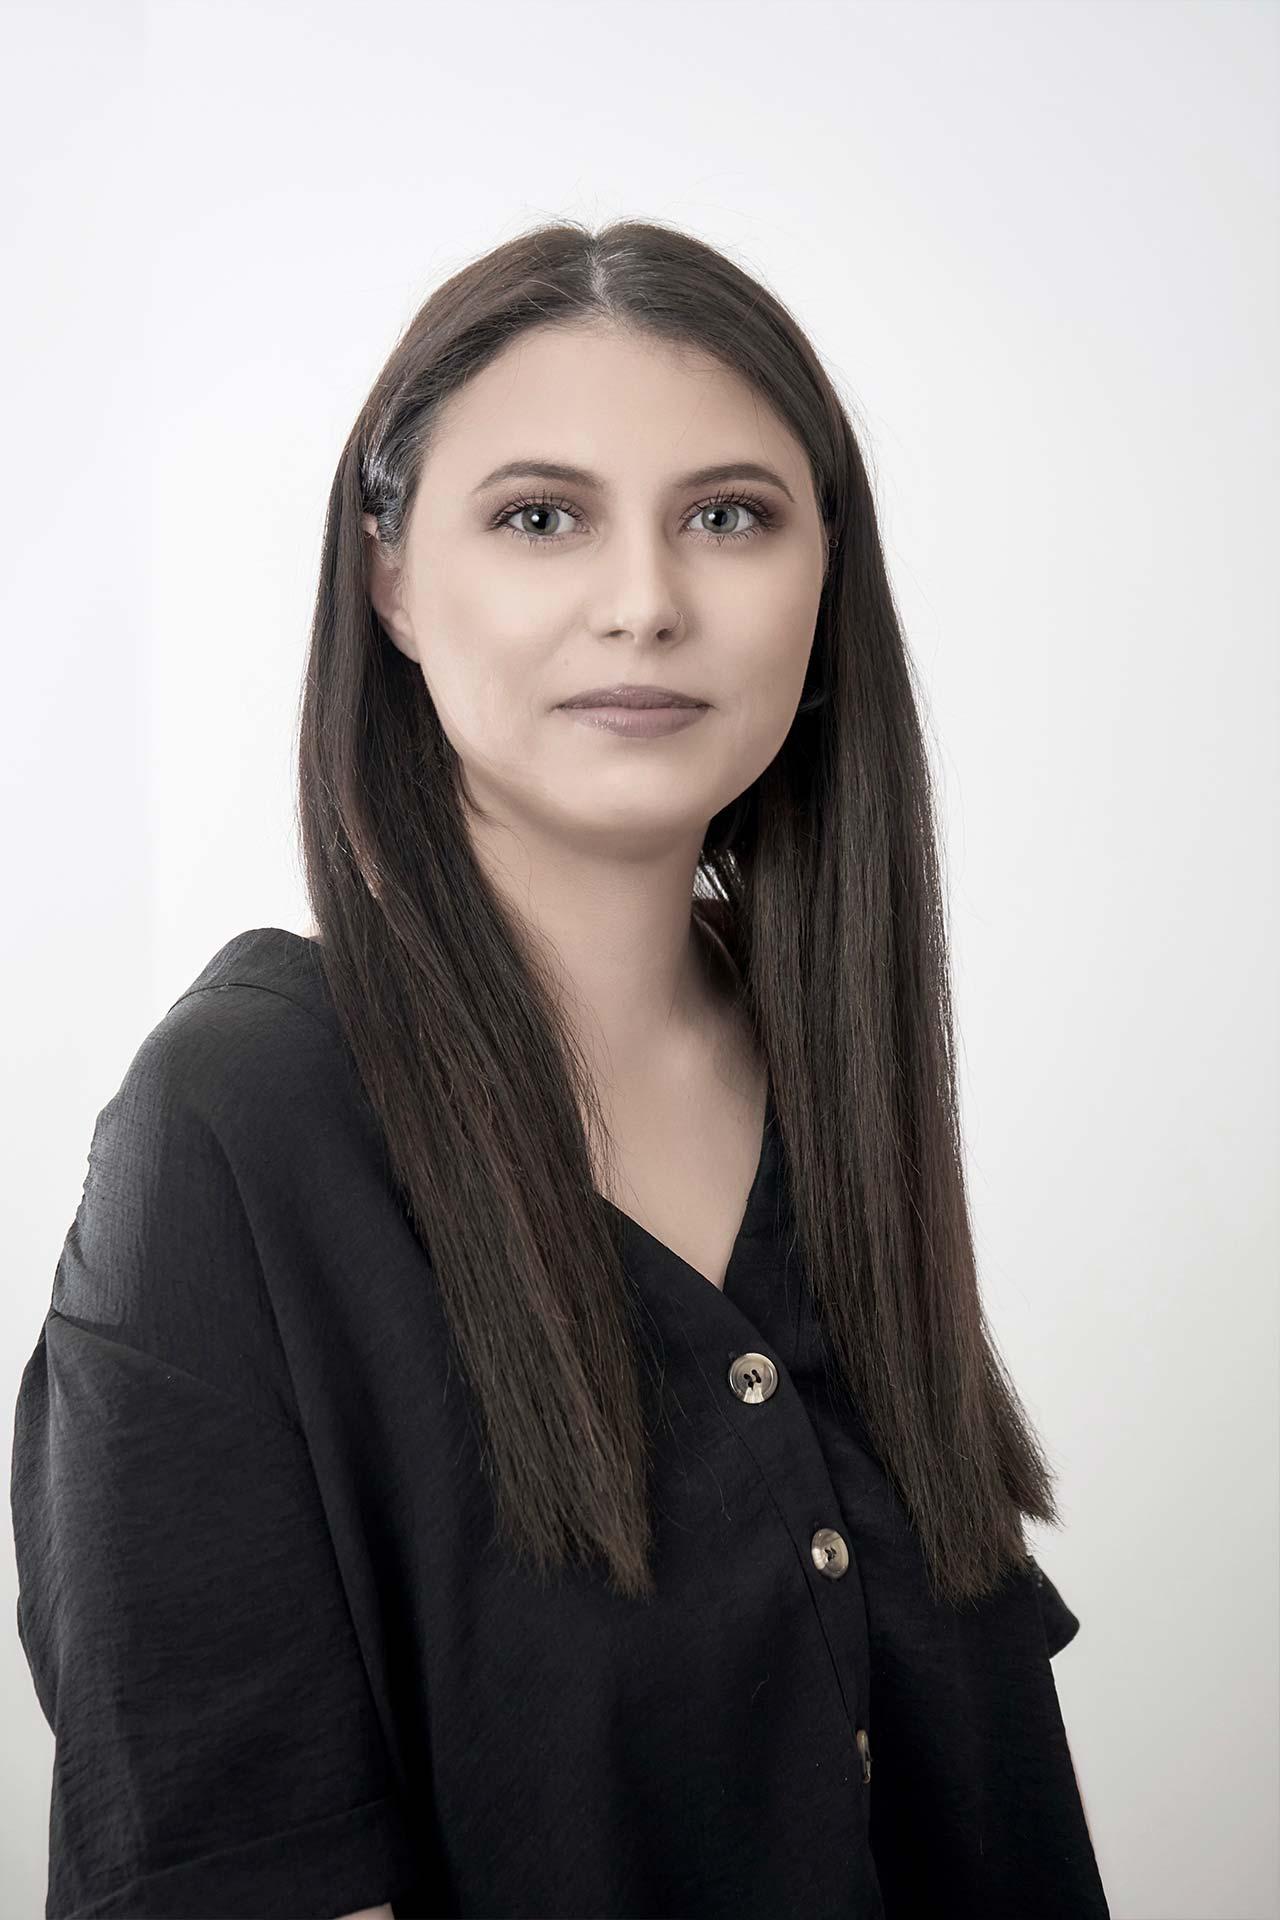 Anna Pleavin